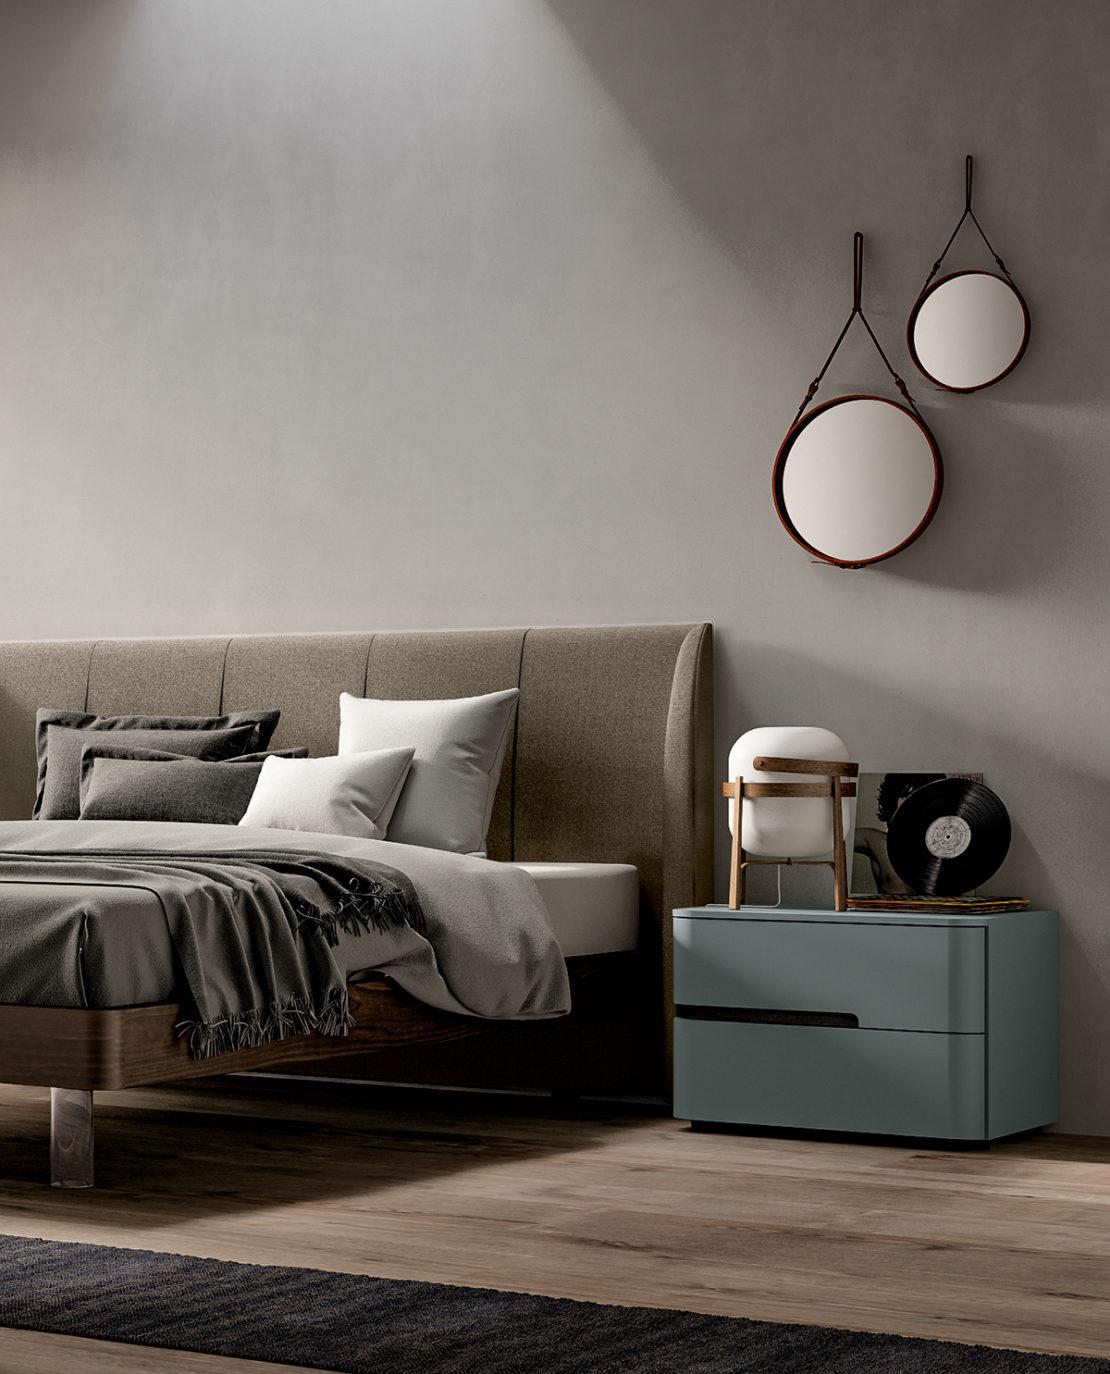 Cabina armadio sotto il letto, un originale modo di organizzare la camera da letto sfruttando le altezze. Idee Per Rendere Luminosa E Accogliente Una Camera Da Letto Piccola Santalucia